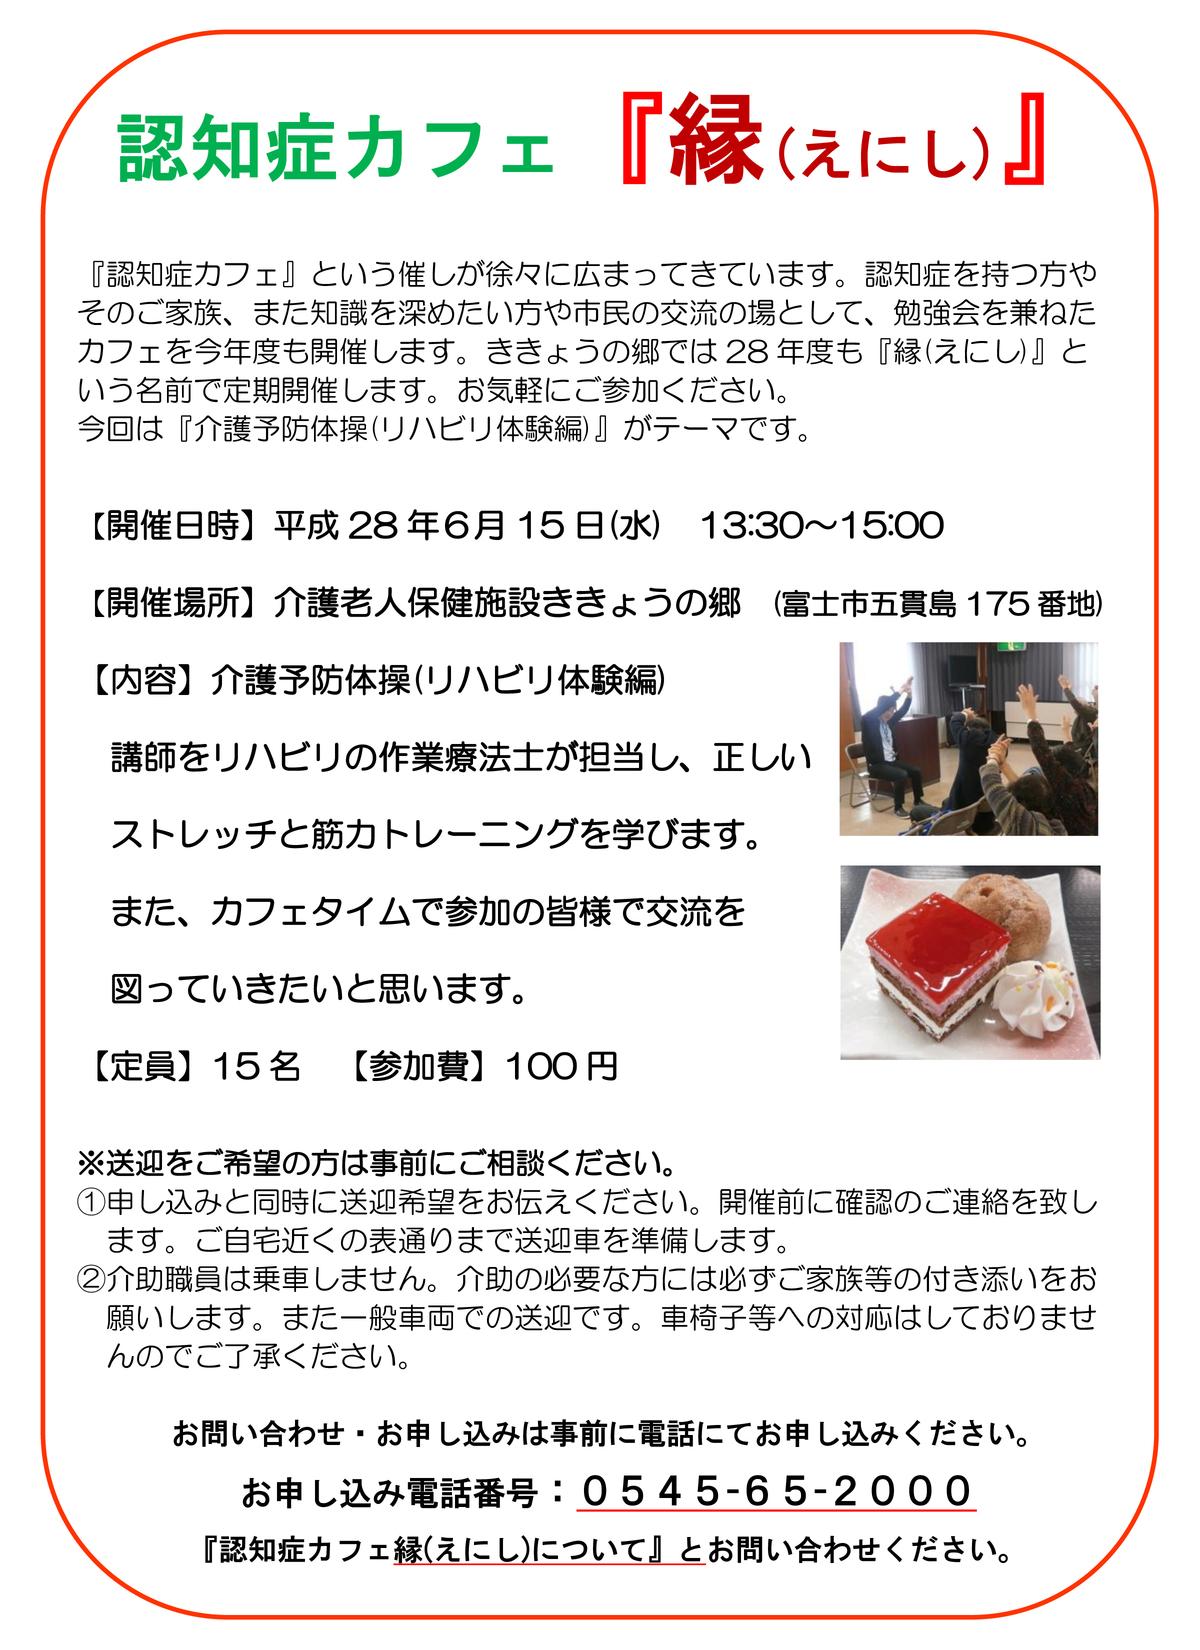 2016_05enishi.jpg